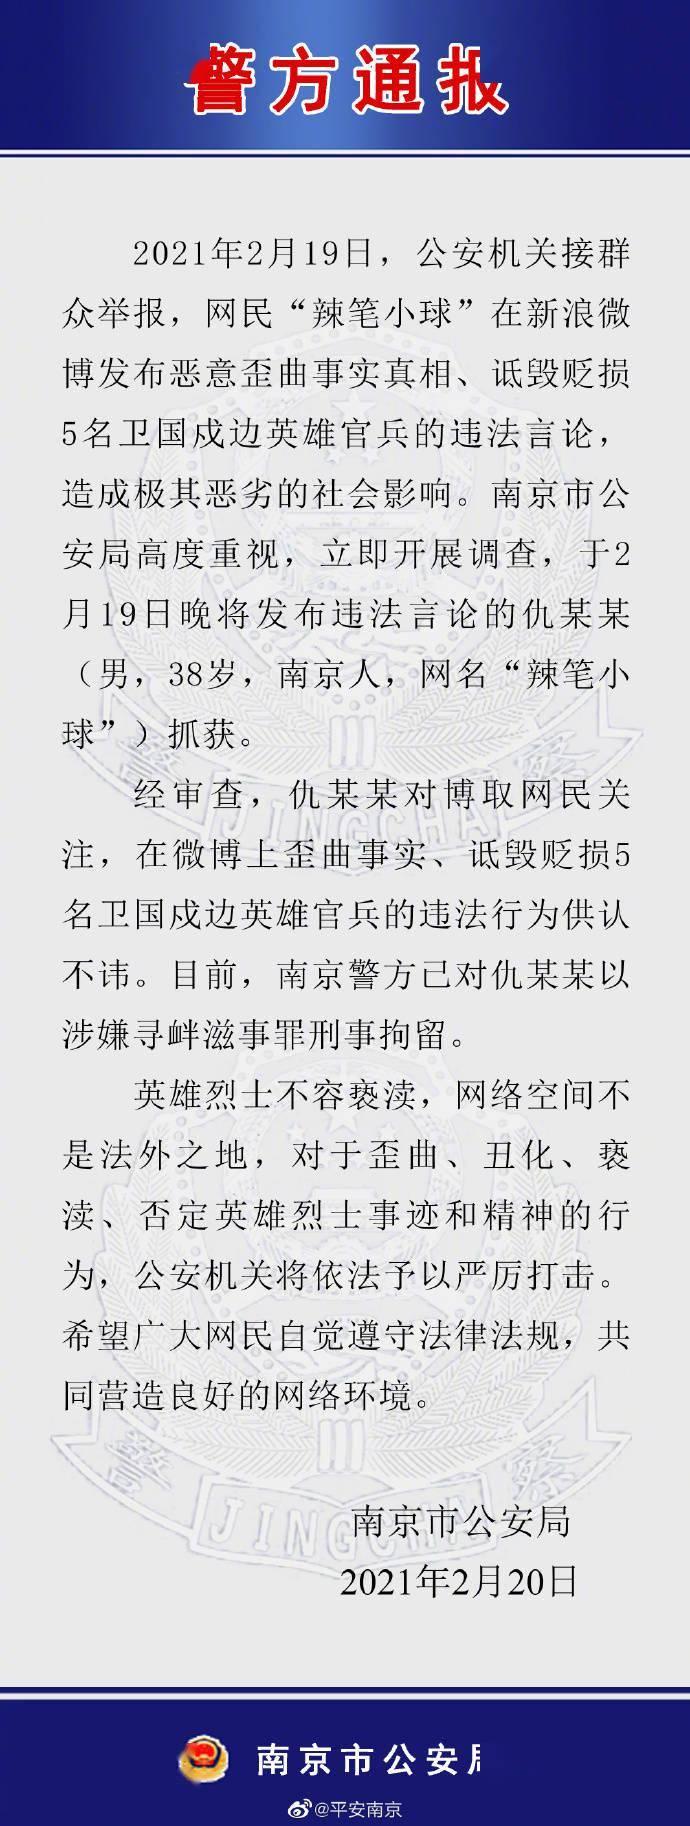 """网民""""辣笔小球""""诋毁贬损5名卫国戍边英雄官兵被刑拘"""